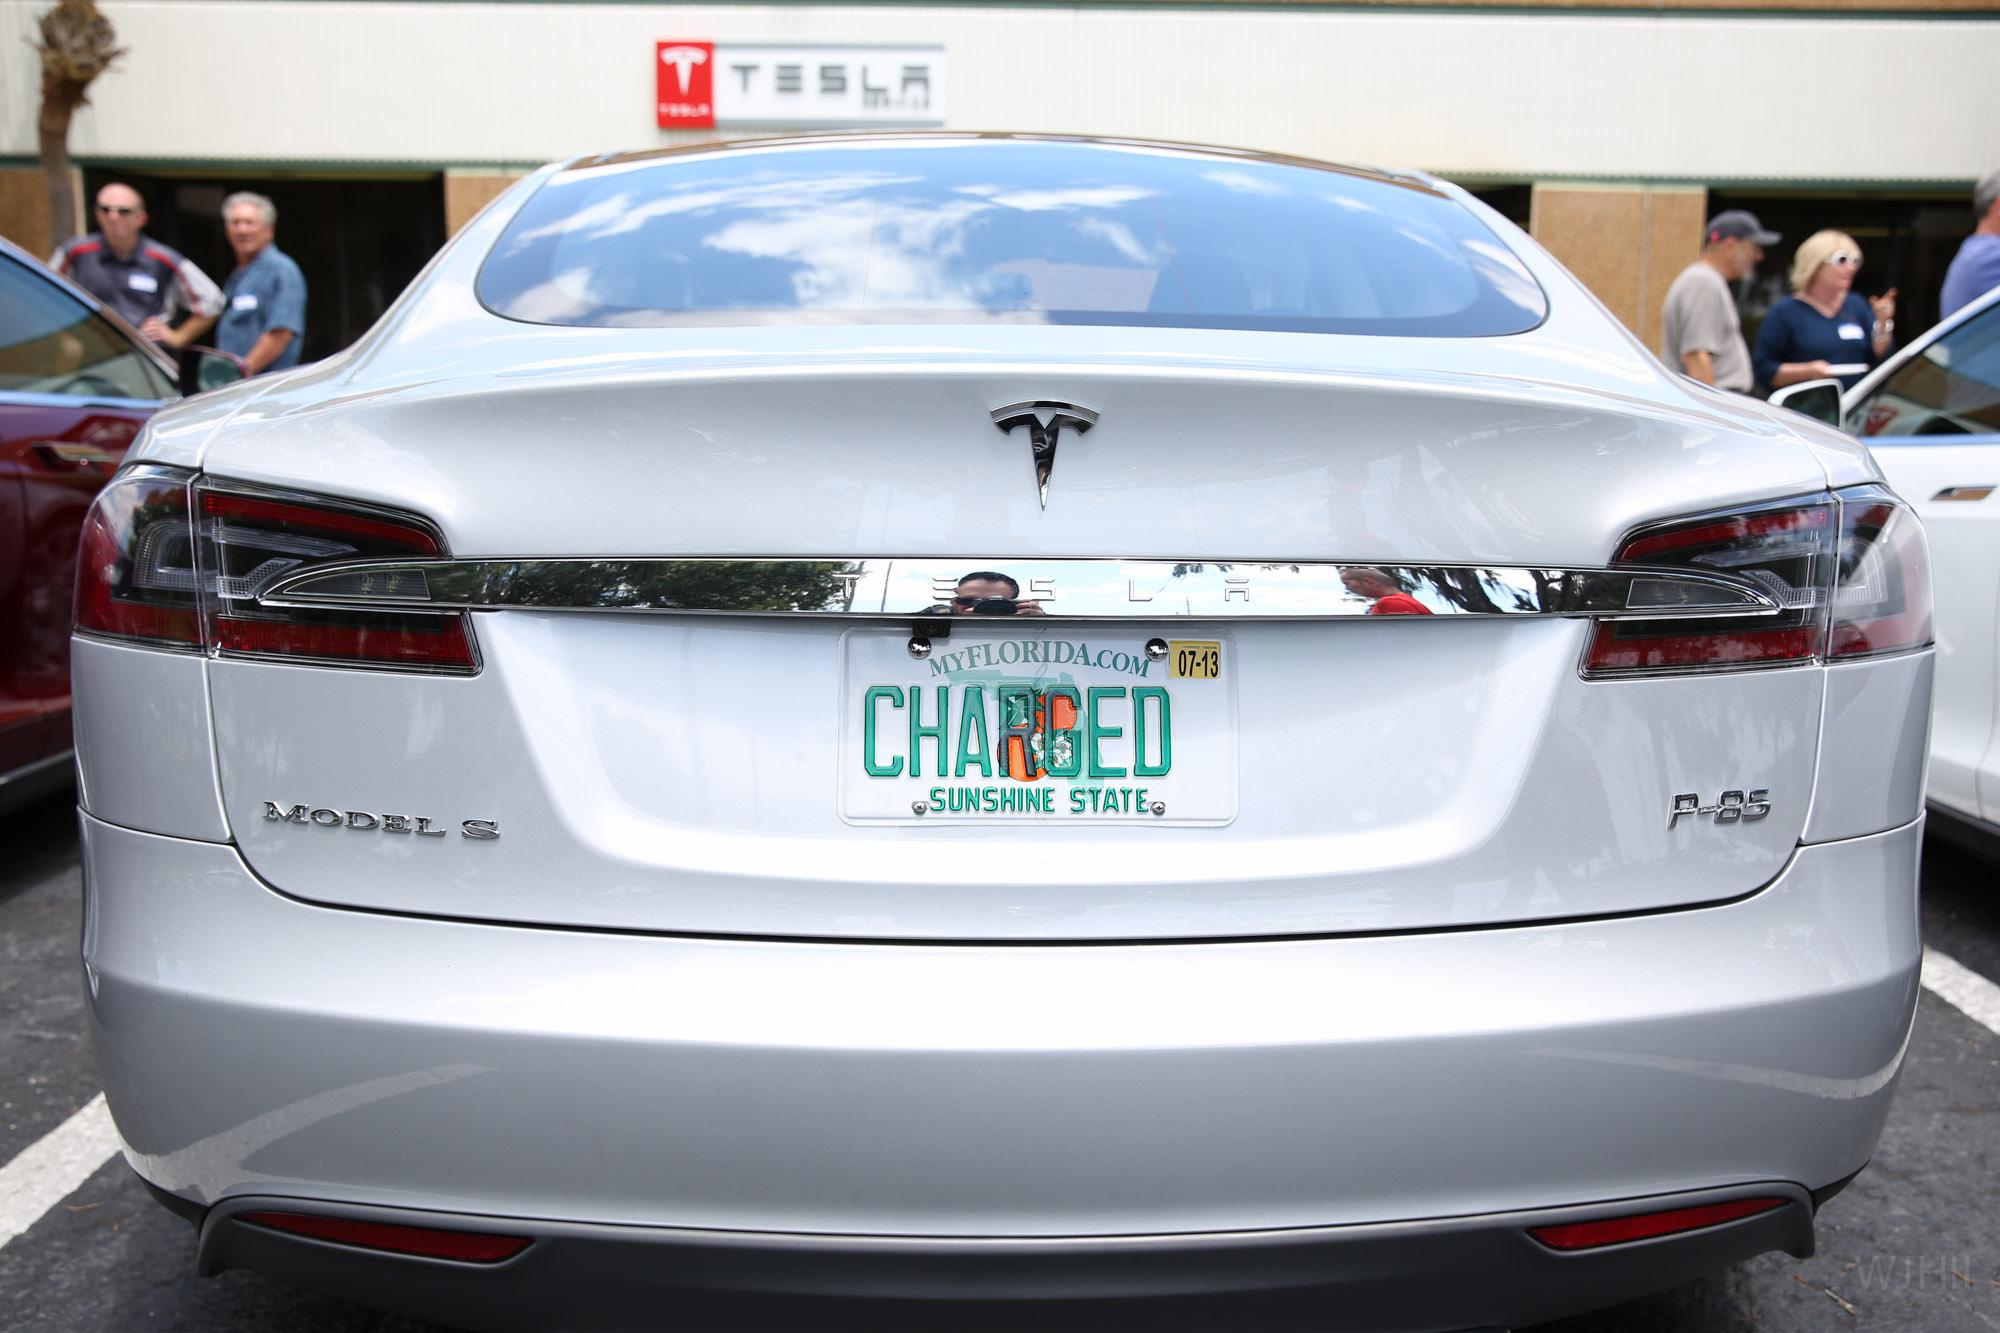 TeslaMotorsClub_Tampa_28APR13_0063.jpg